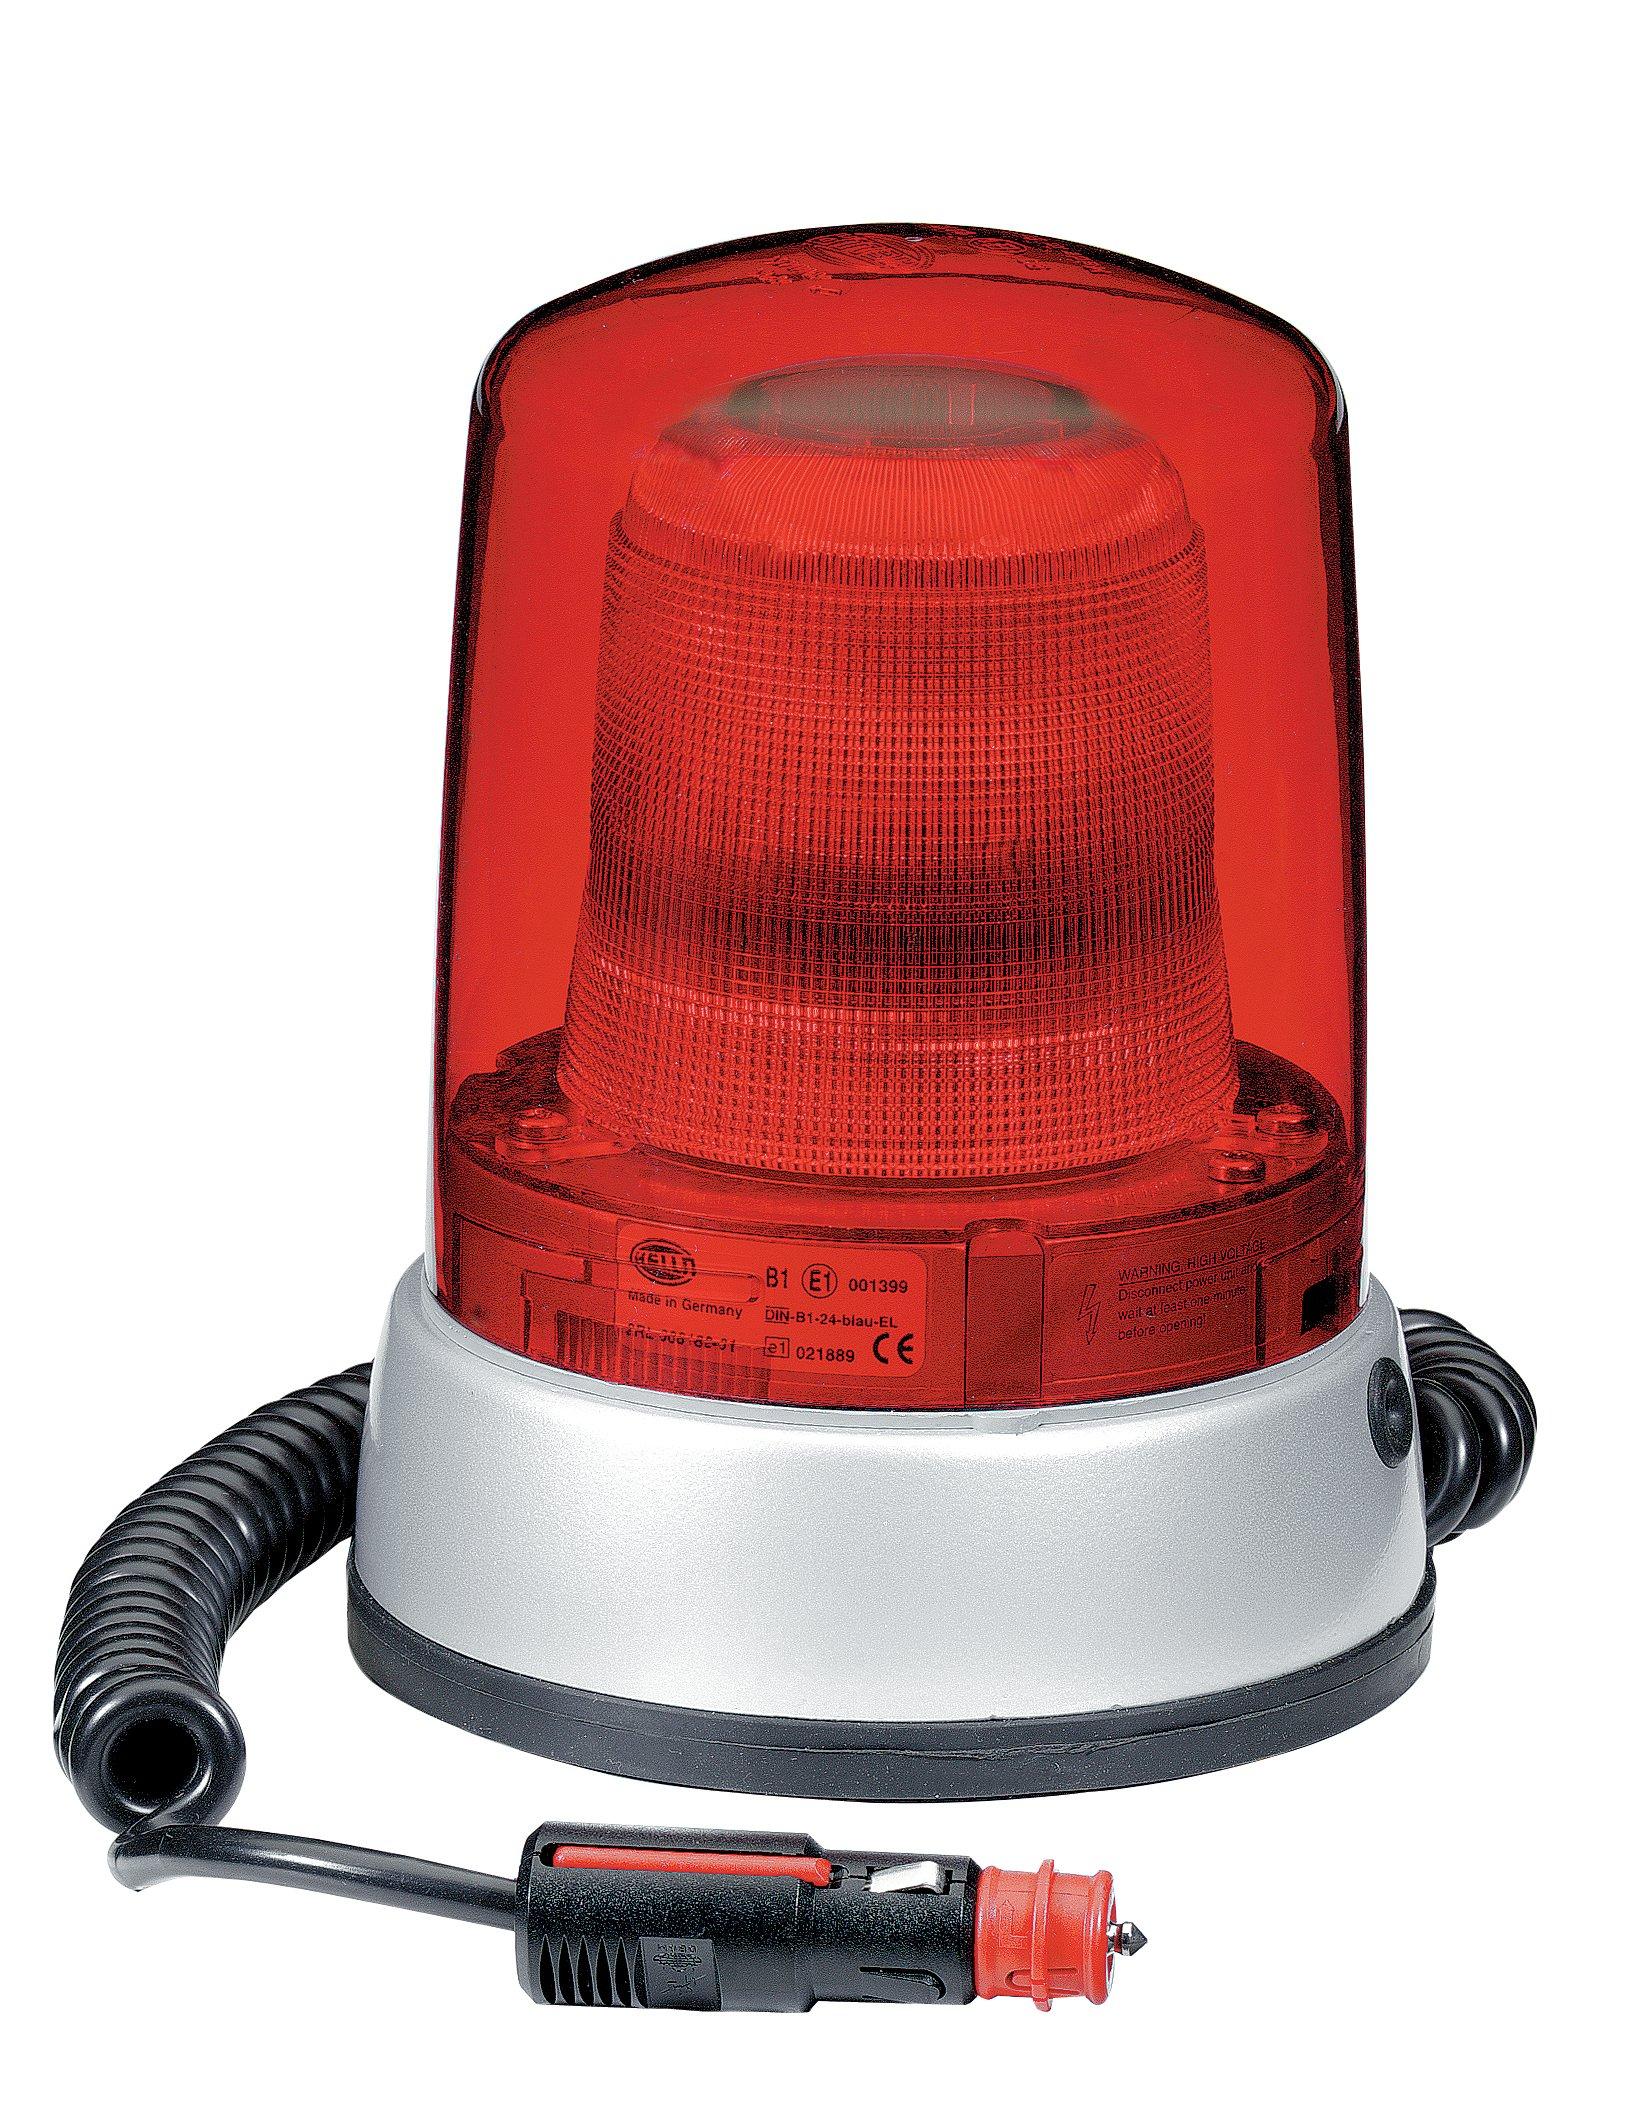 HELLA 9EL 862 140-041 Lens, rotating beacon